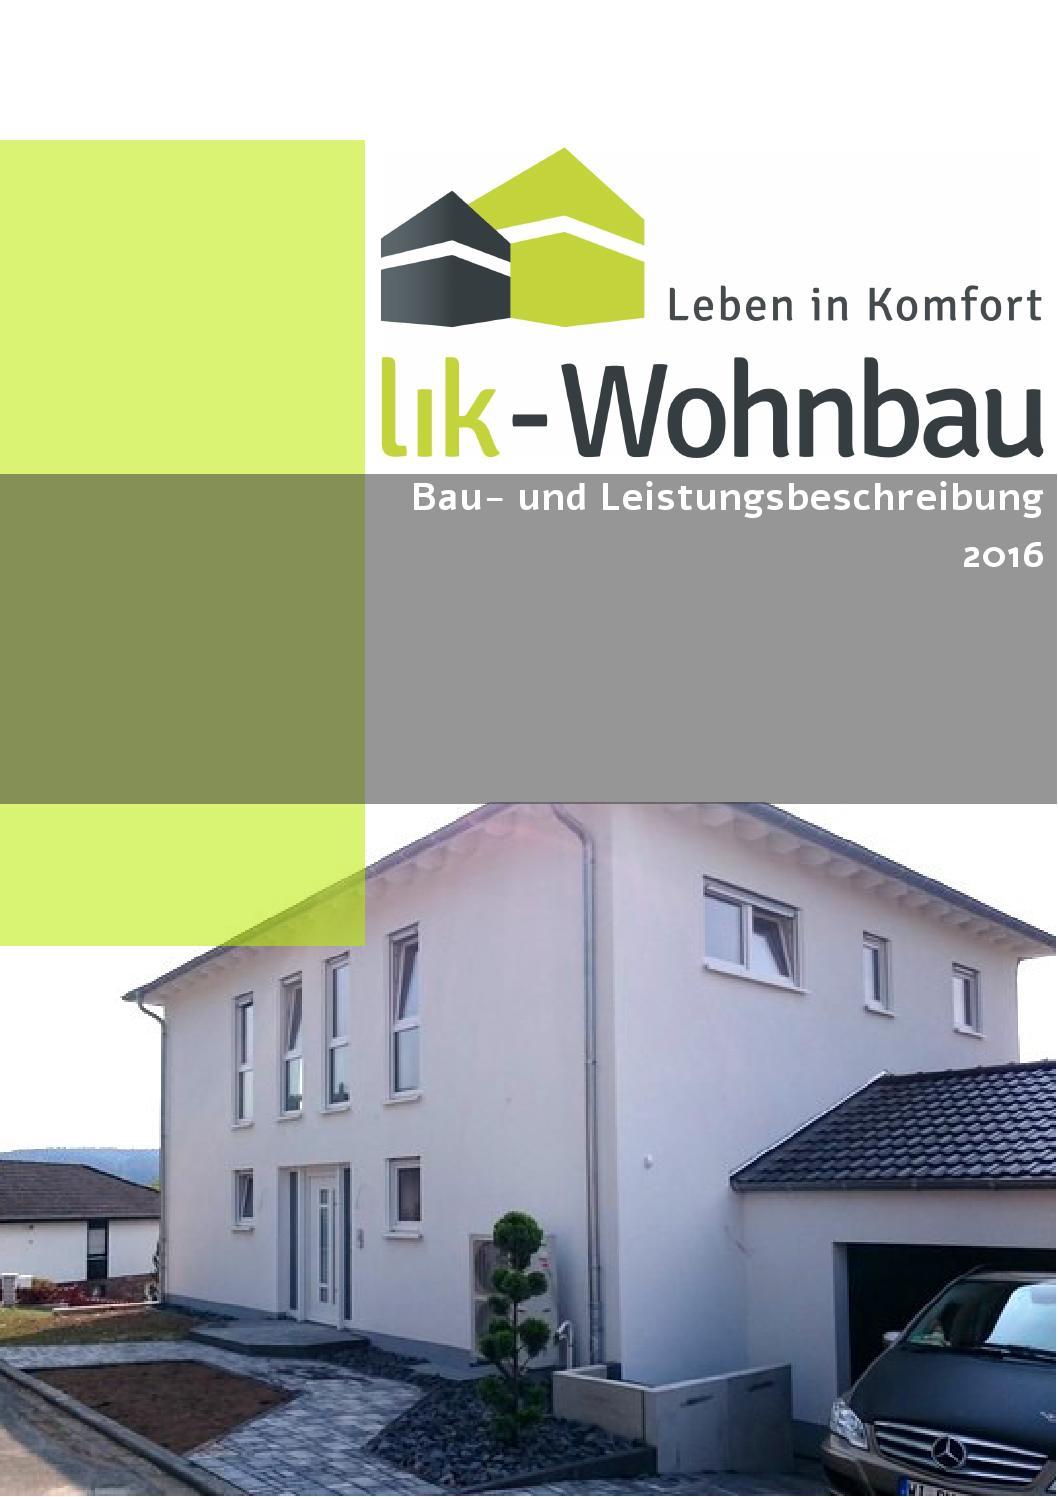 Lik wohnbau bau und leistungsbeschreibung 2016 by Michael Litvak ...